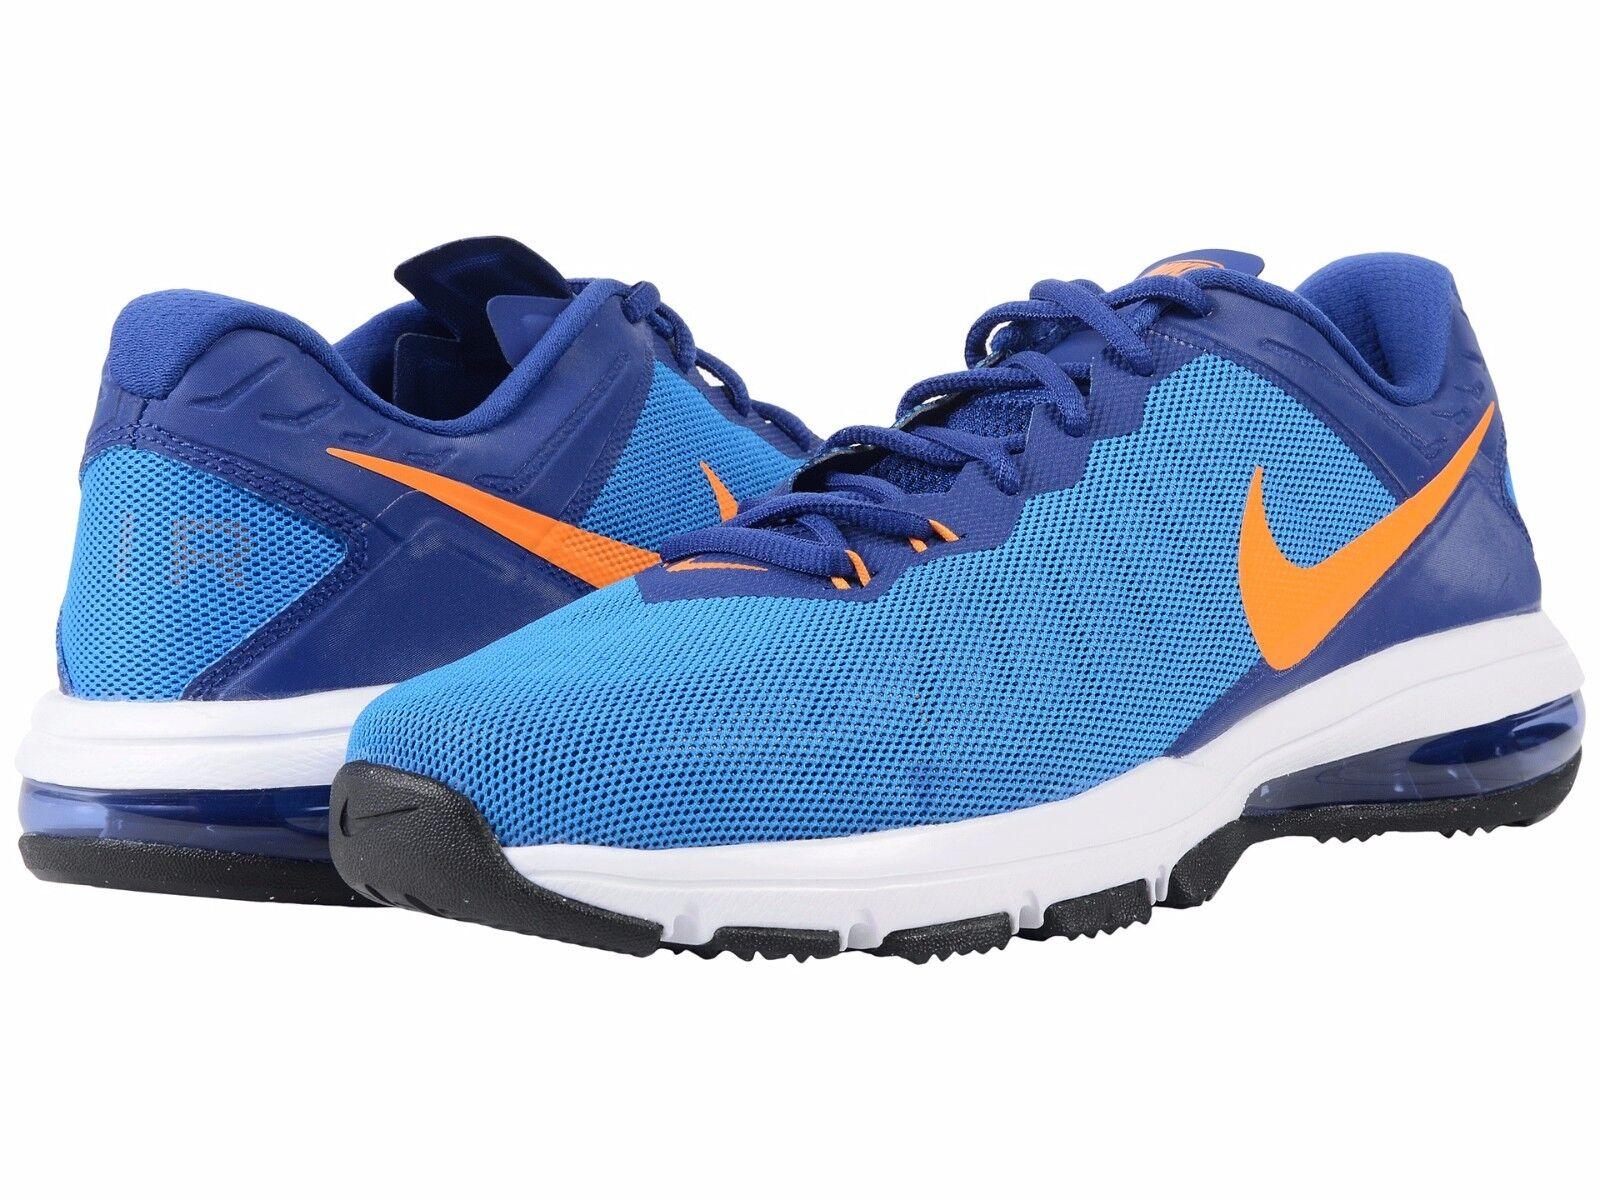 Nike air max uomini totale scarpe blu / vivido arancione uomo numero 13